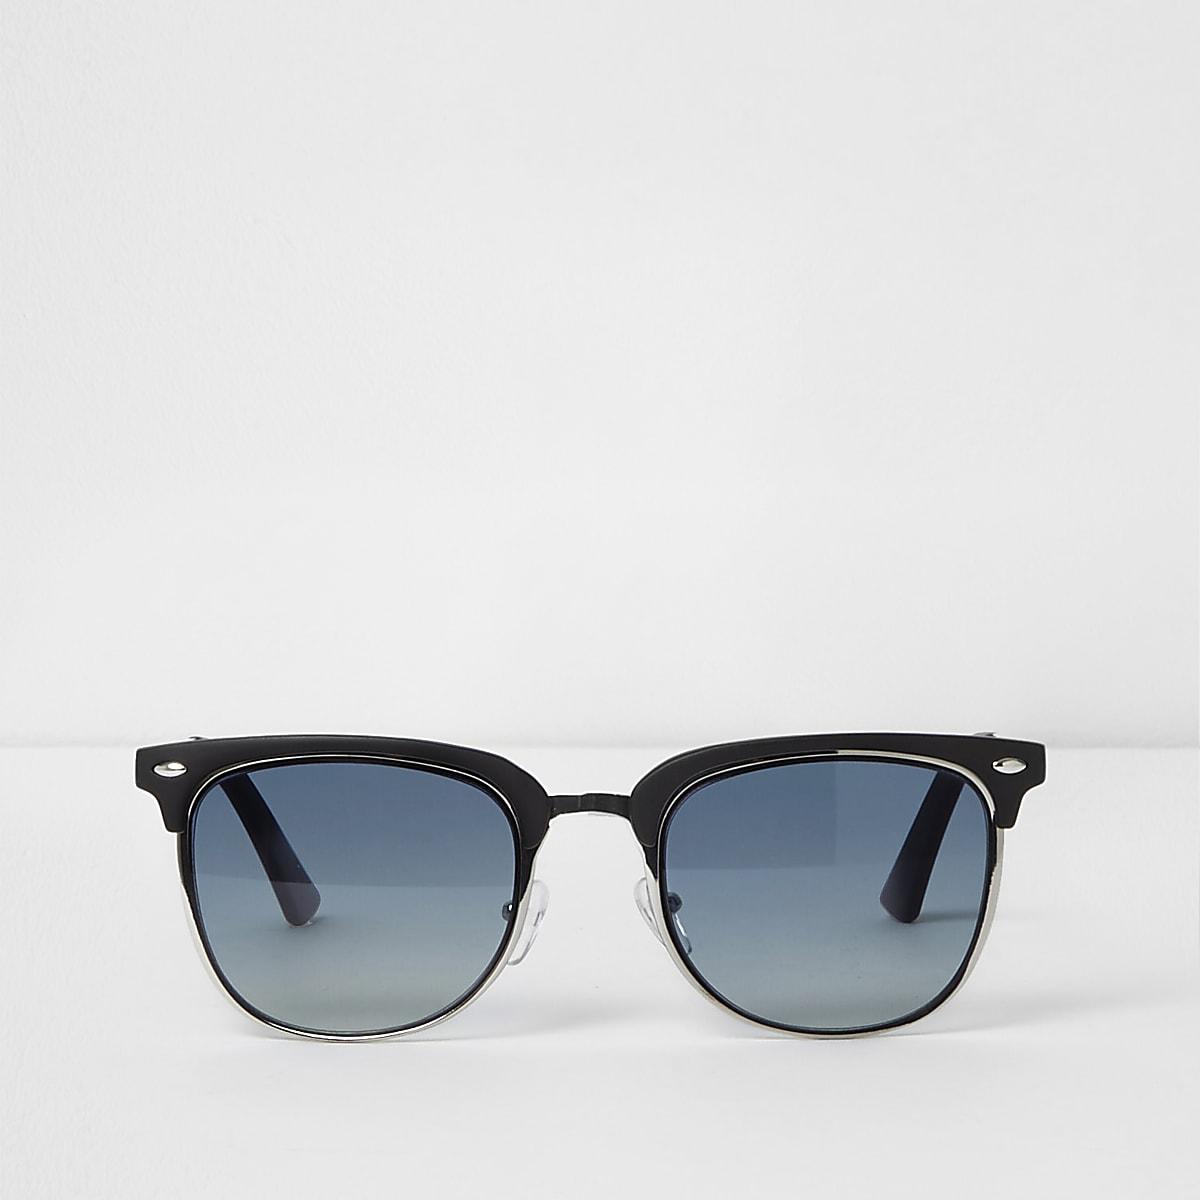 Lunettes de soleil noires à monture rétro et verres bleus